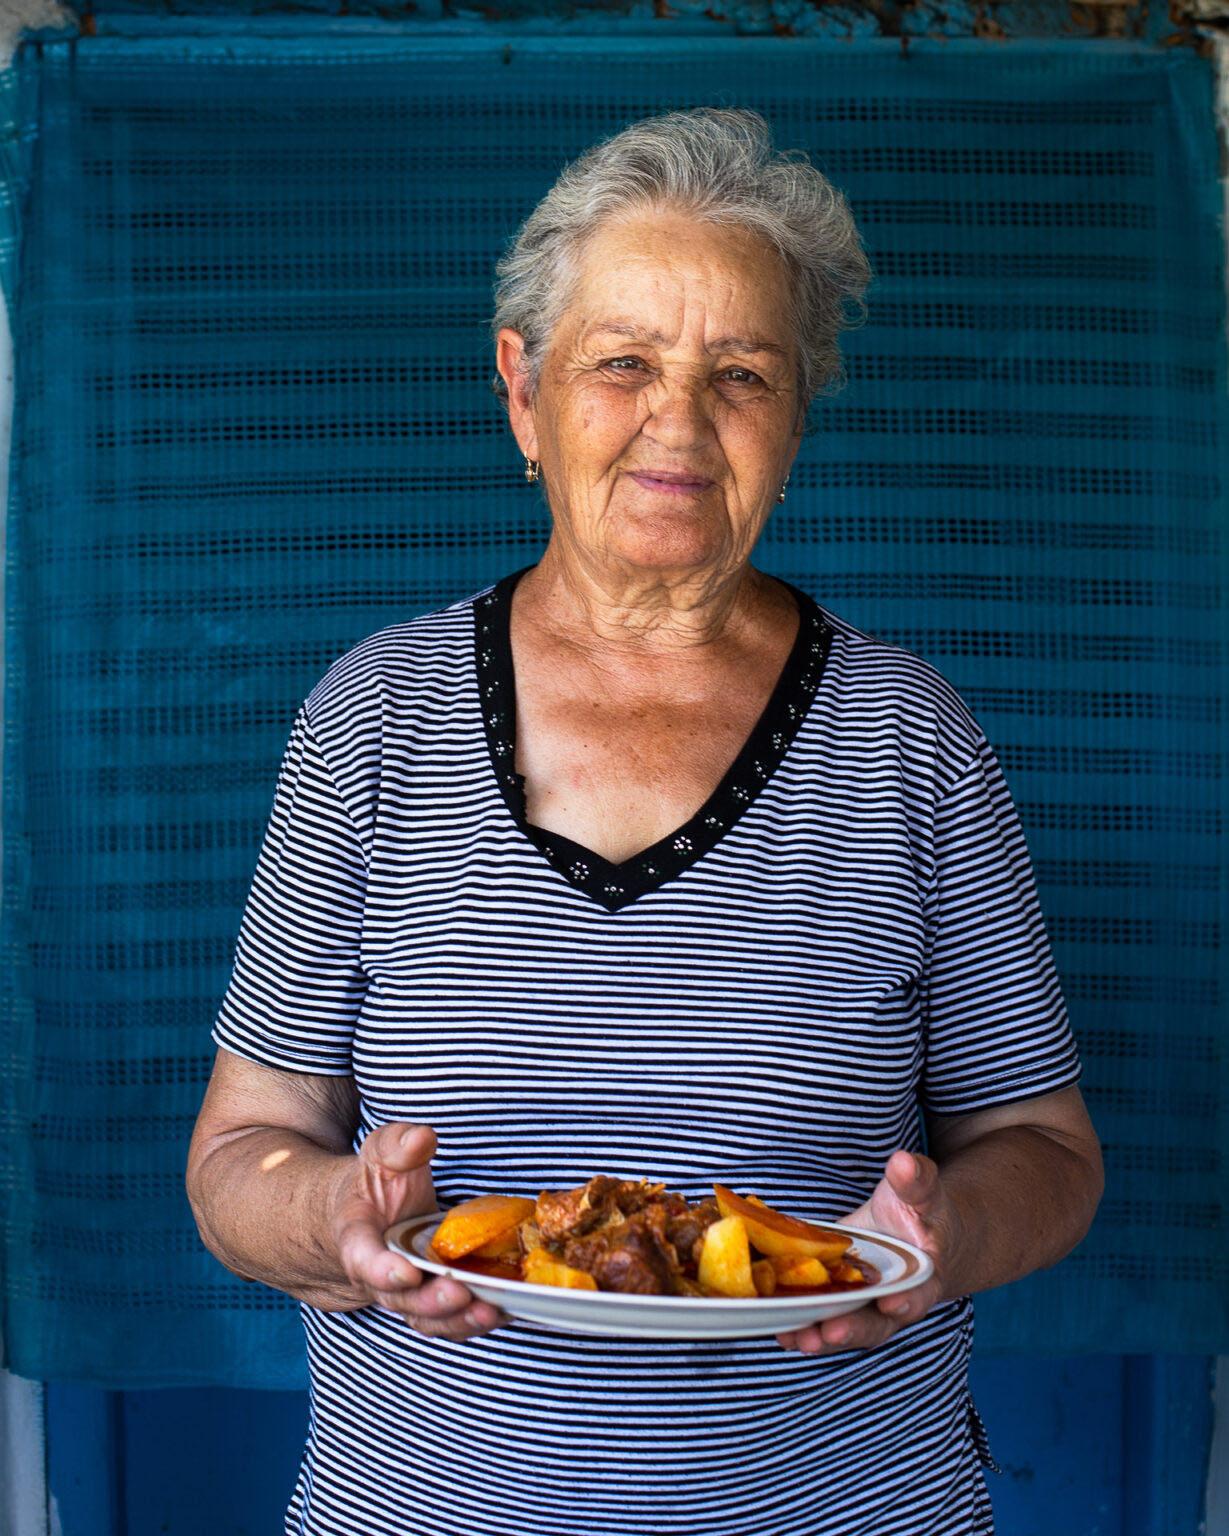 gastronomos-mia-apithani-syntagi-gia-patatato-apo-tin-kyra-rini1